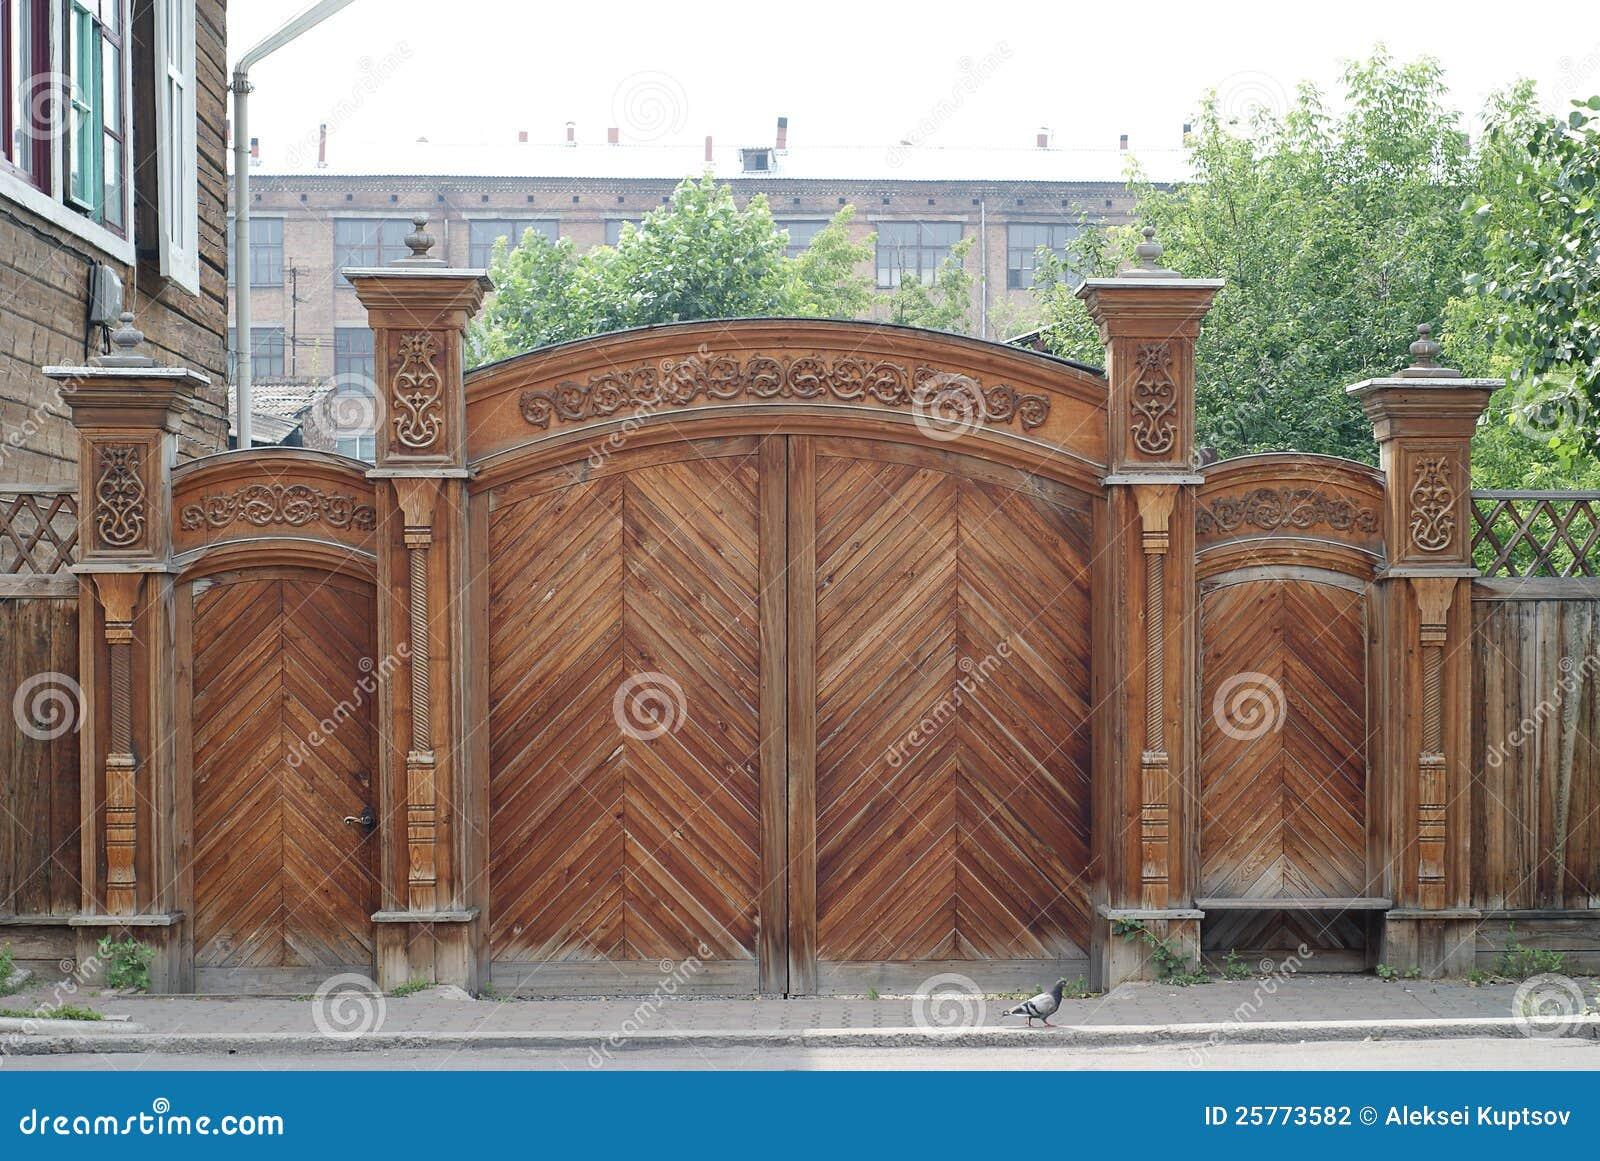 Cancelli Intagliati Di Legno Fotografia Stock - Immagine: 25773582